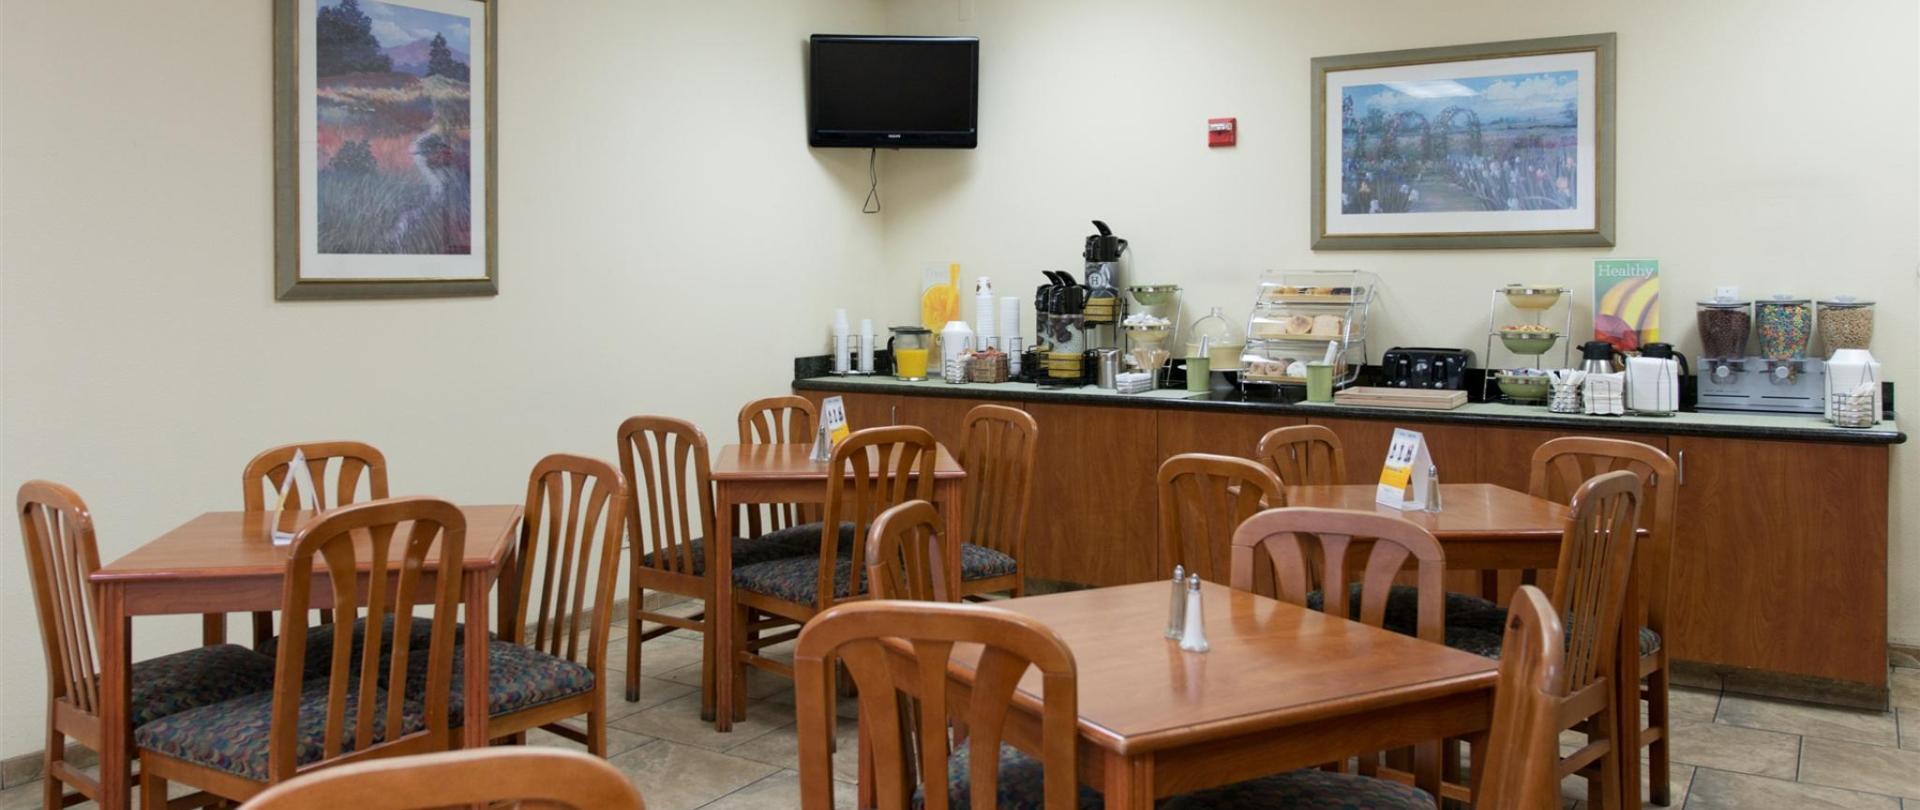 breakfast-area-2.jpg